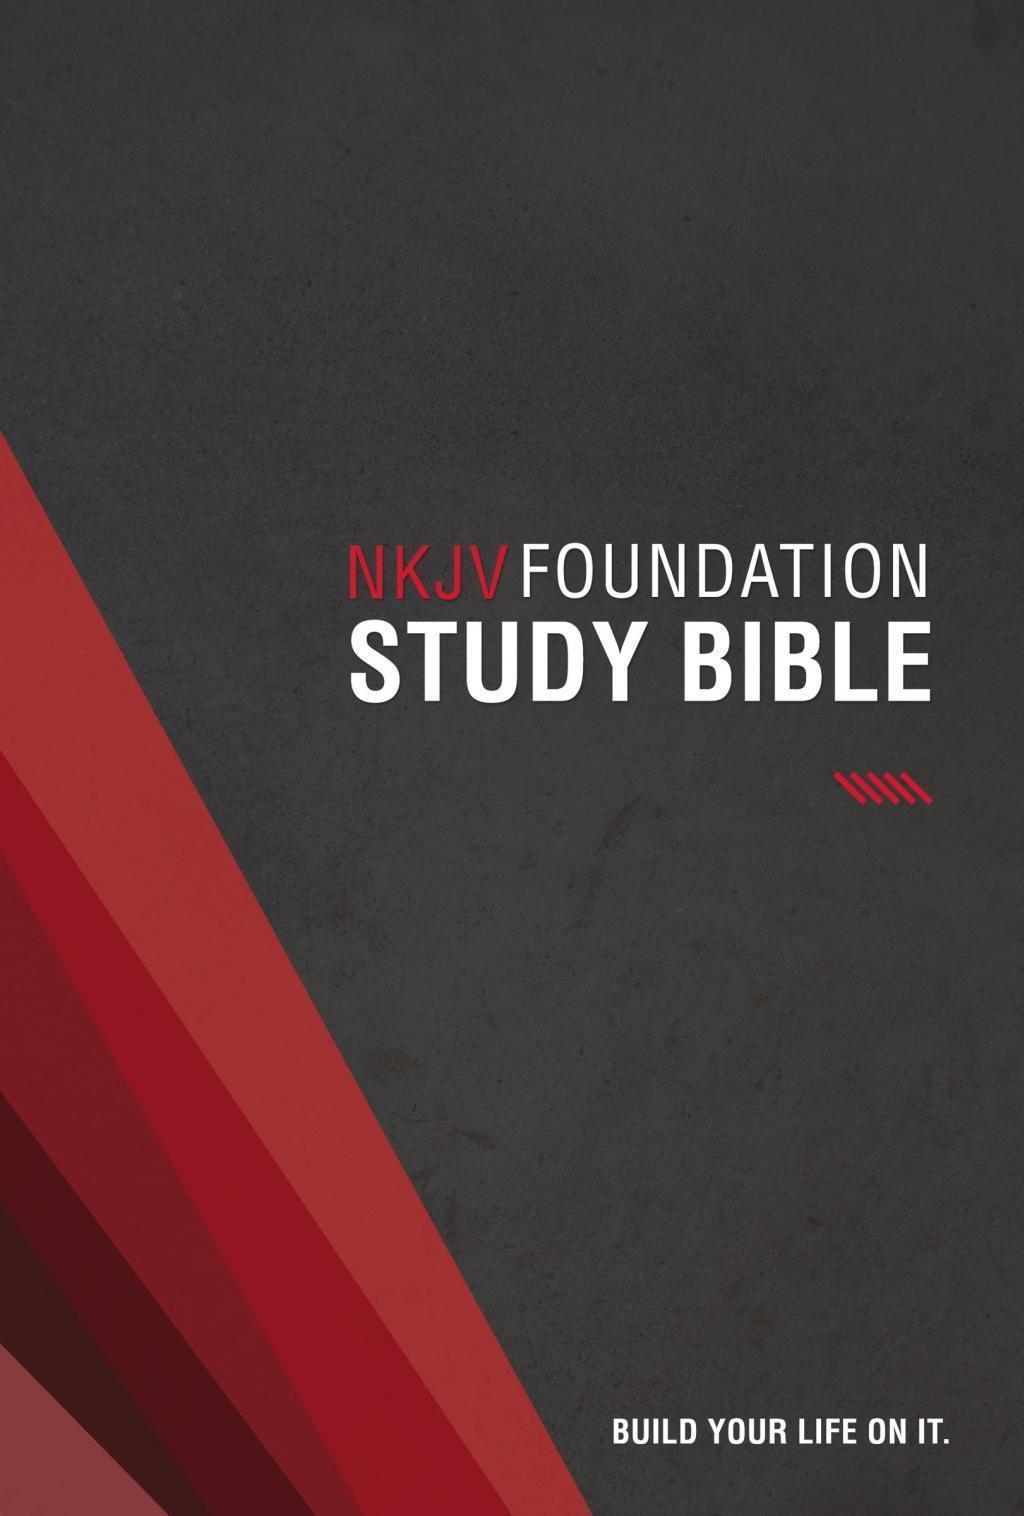 NKJV, Foundation Study Bible, eBook